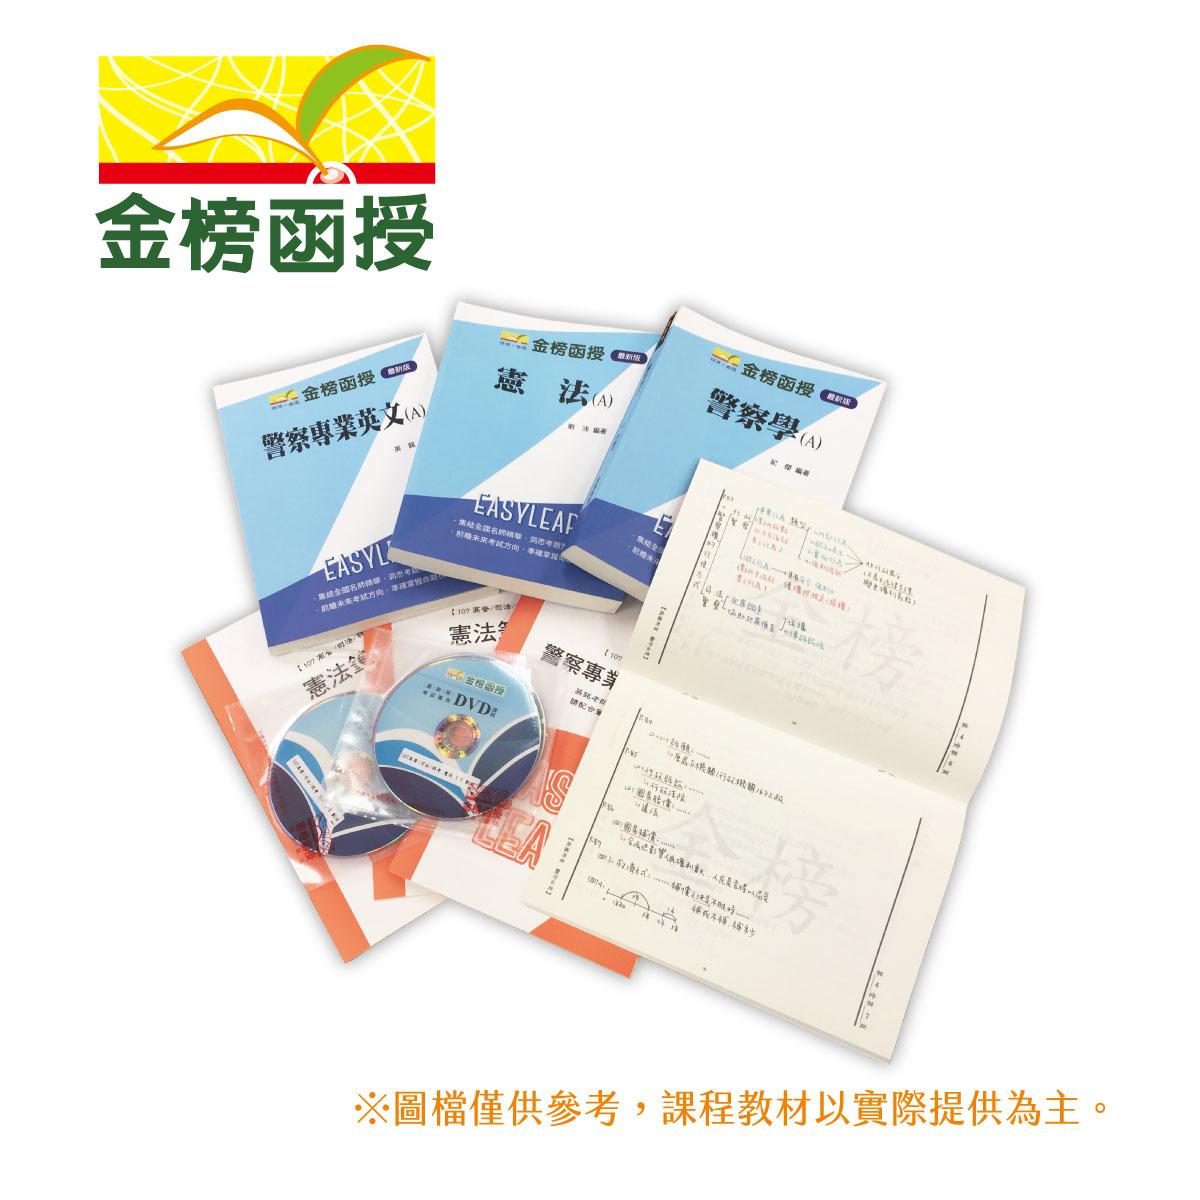 108金榜函授/初等考/全套/经建行政/书面